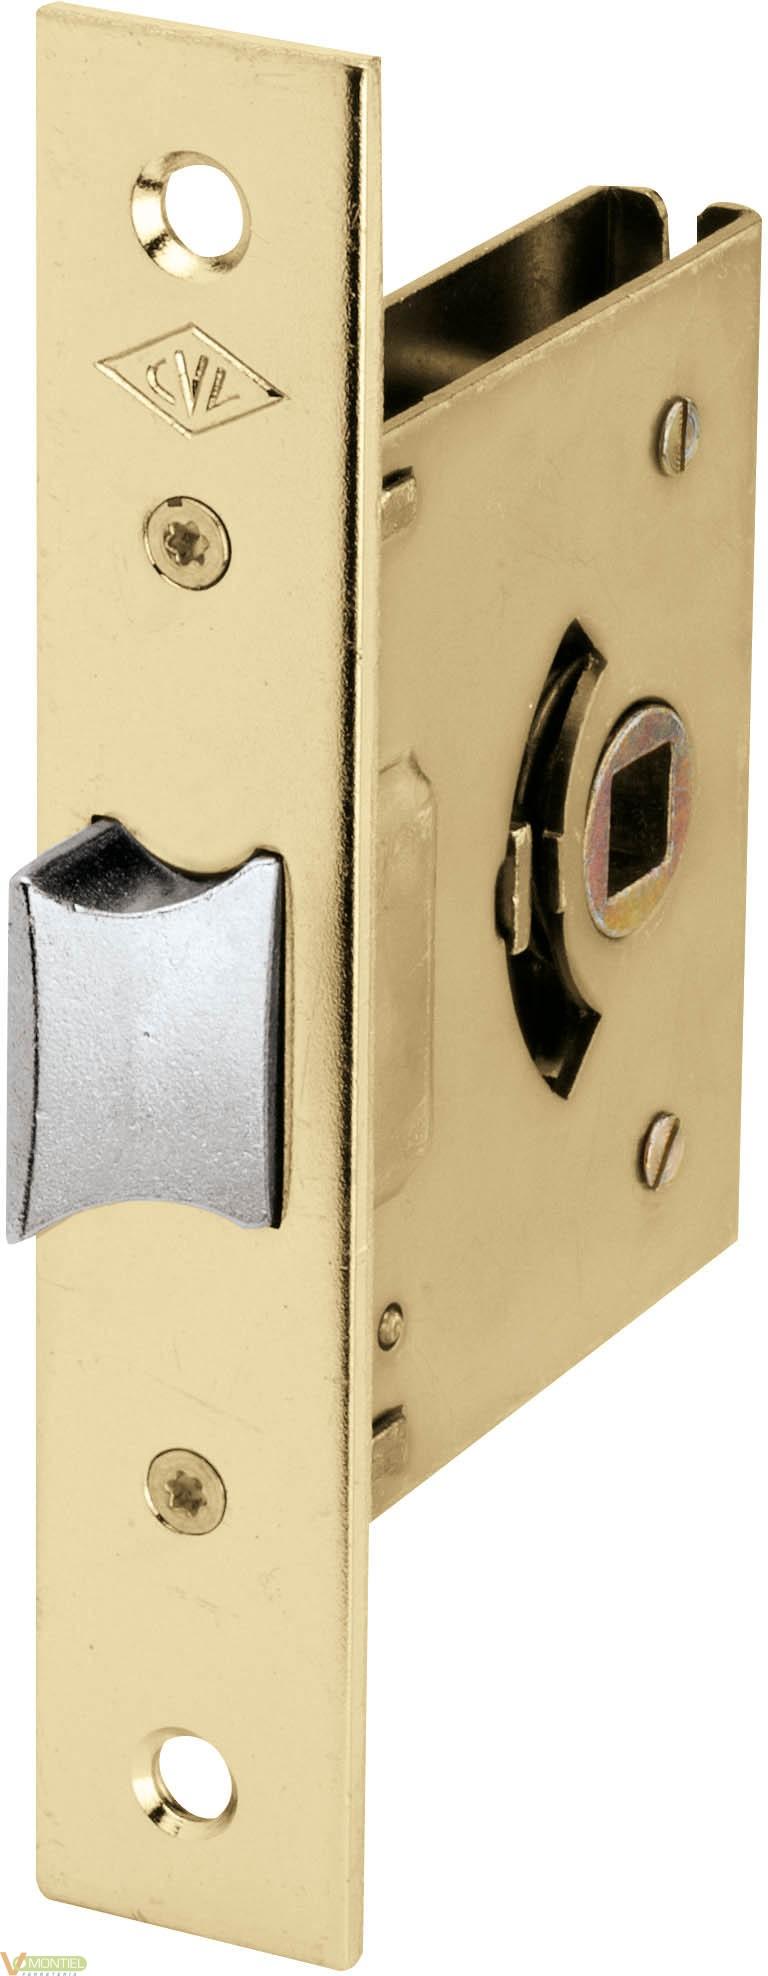 Picaporte pta 22x40mm 249r60/2-0